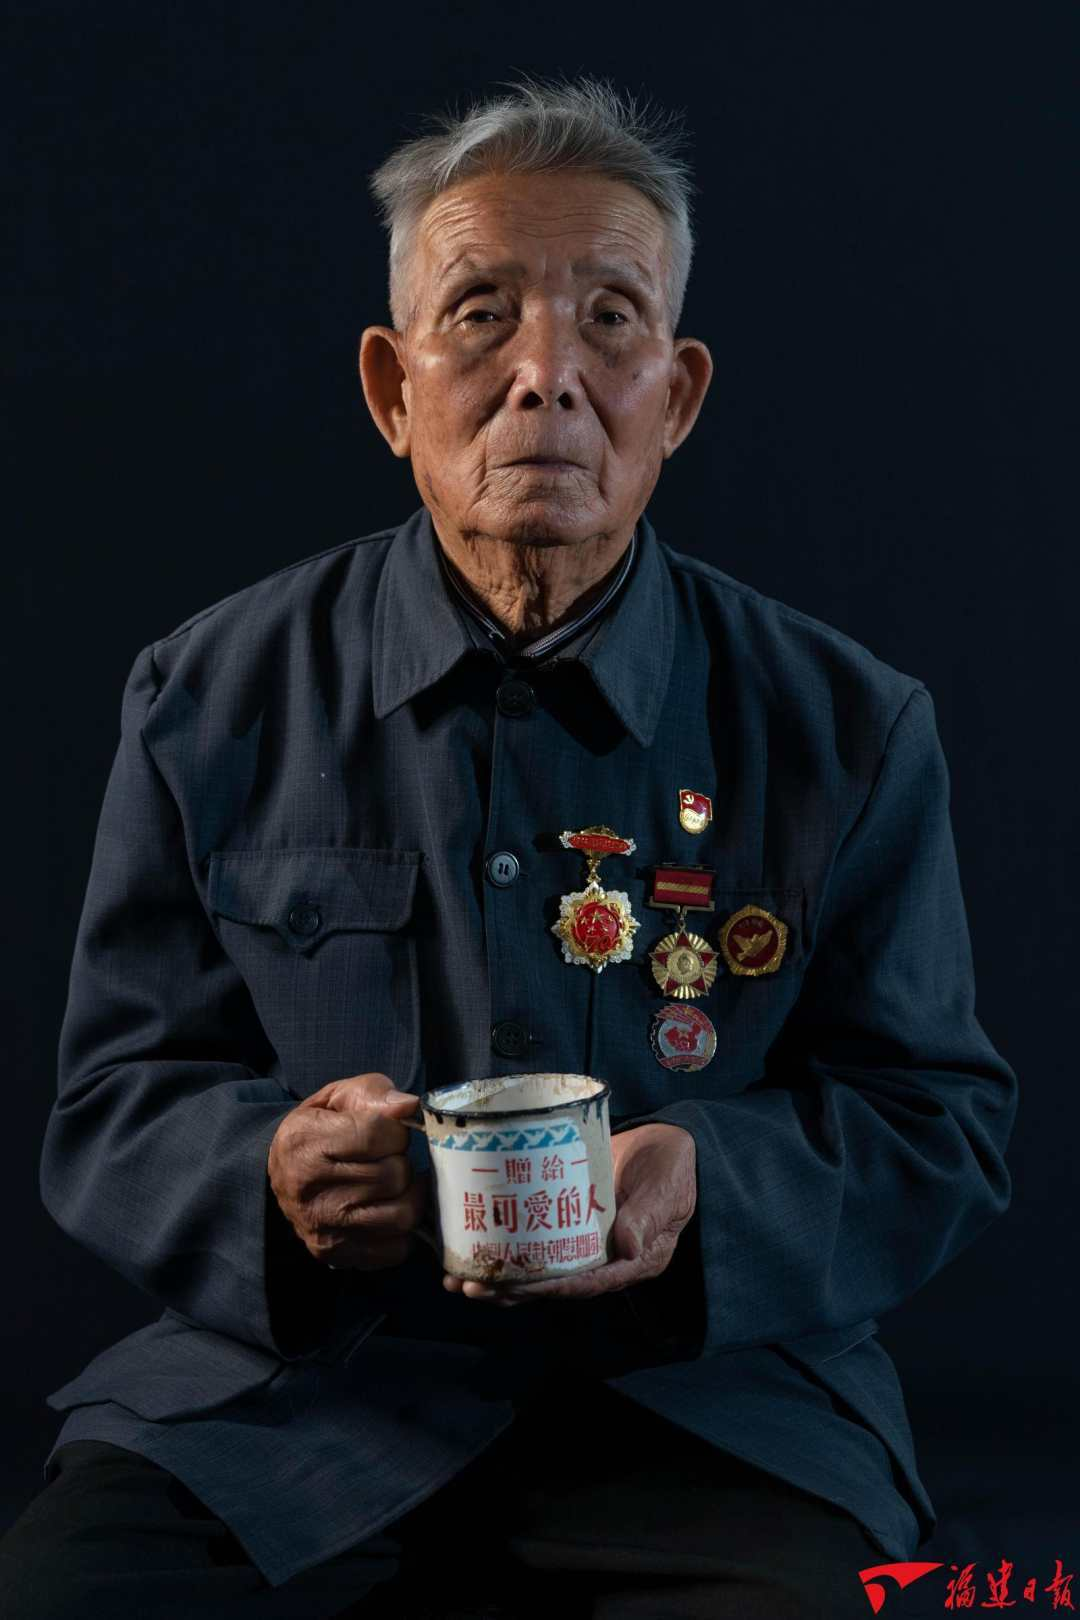 致敬!抗美援朝的老战士吴清波